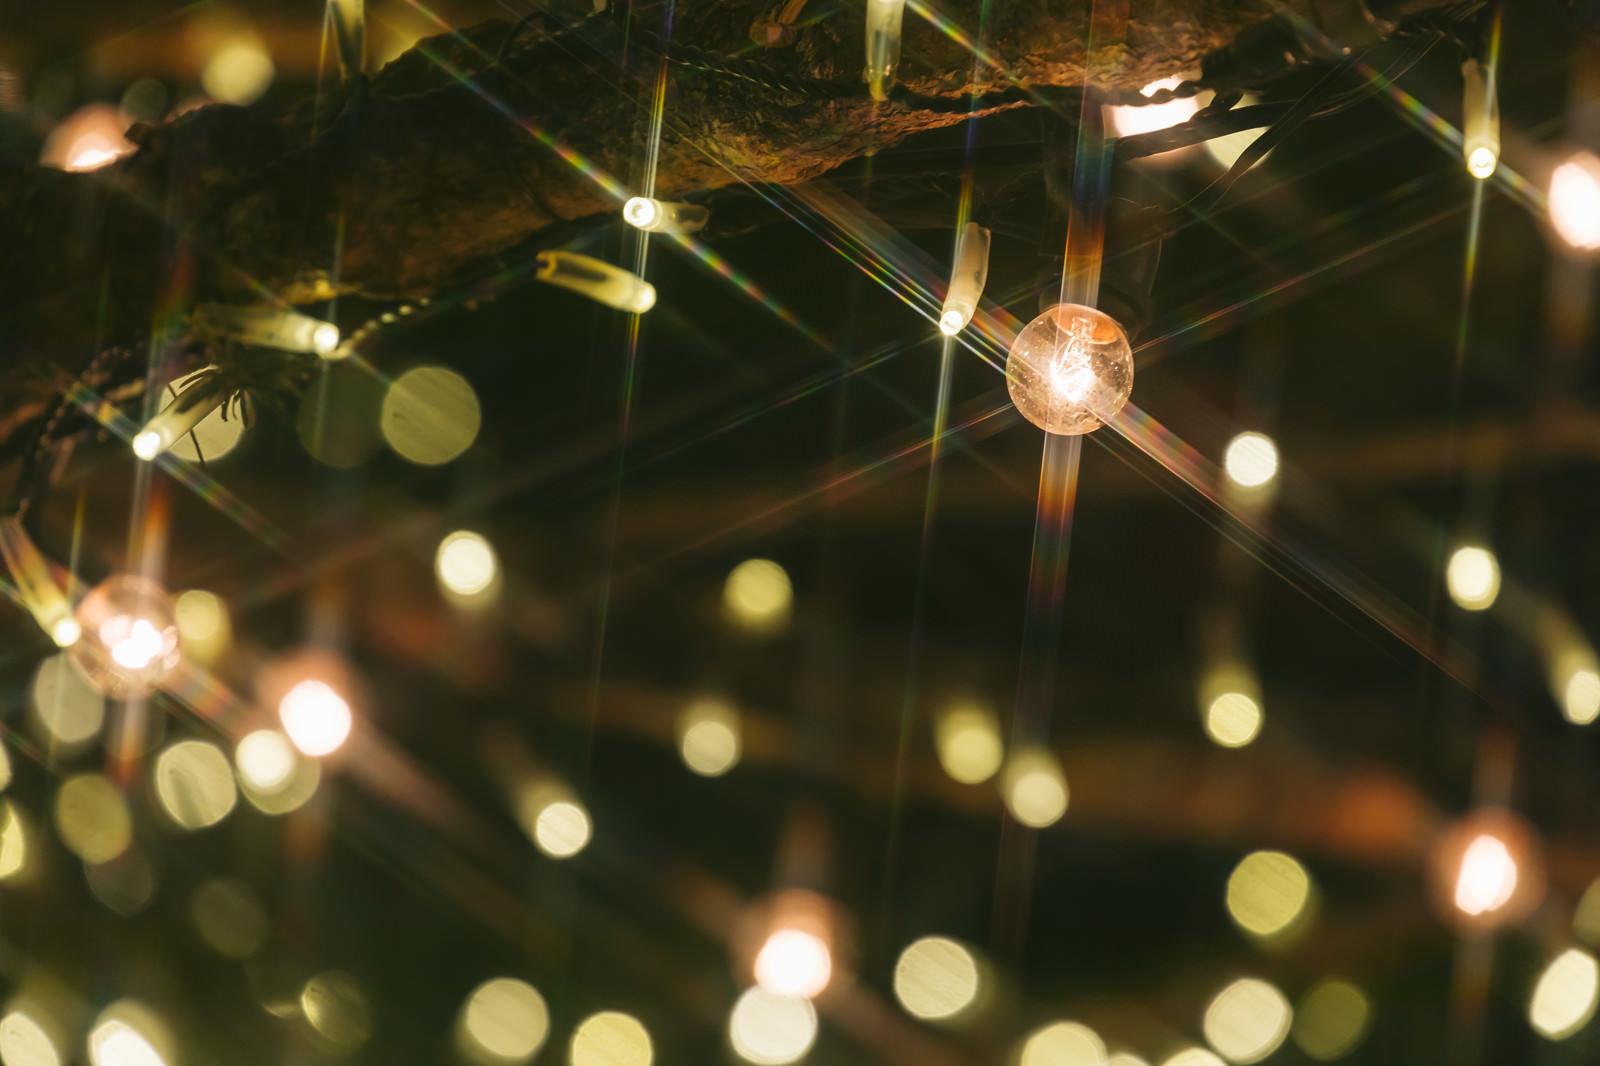 「光り輝くライトアップ」の写真